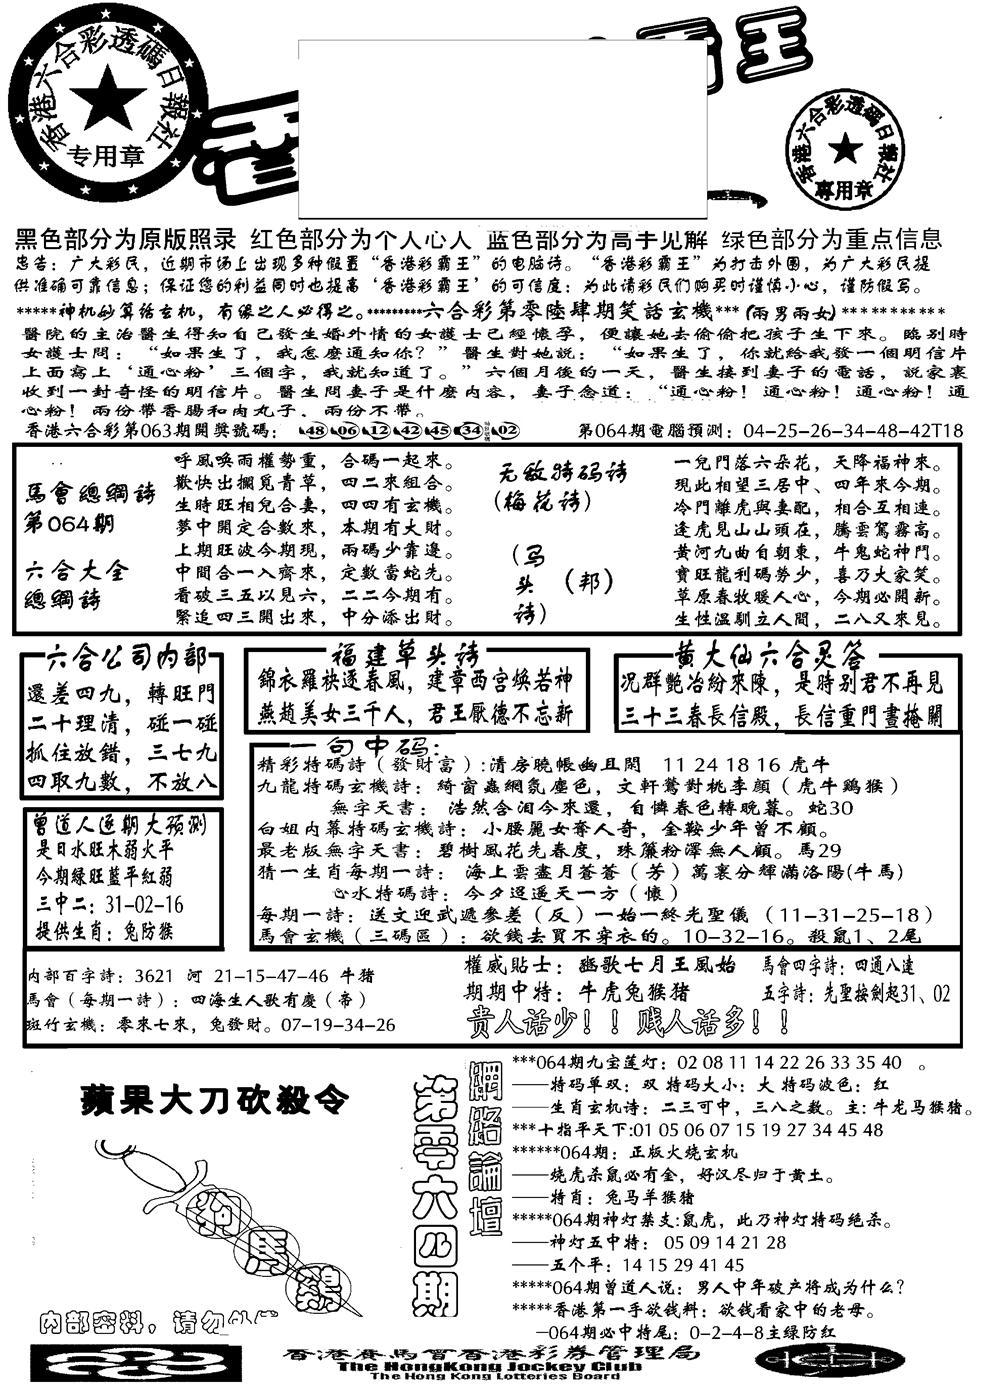 064期大刀彩霸王A(黑白)